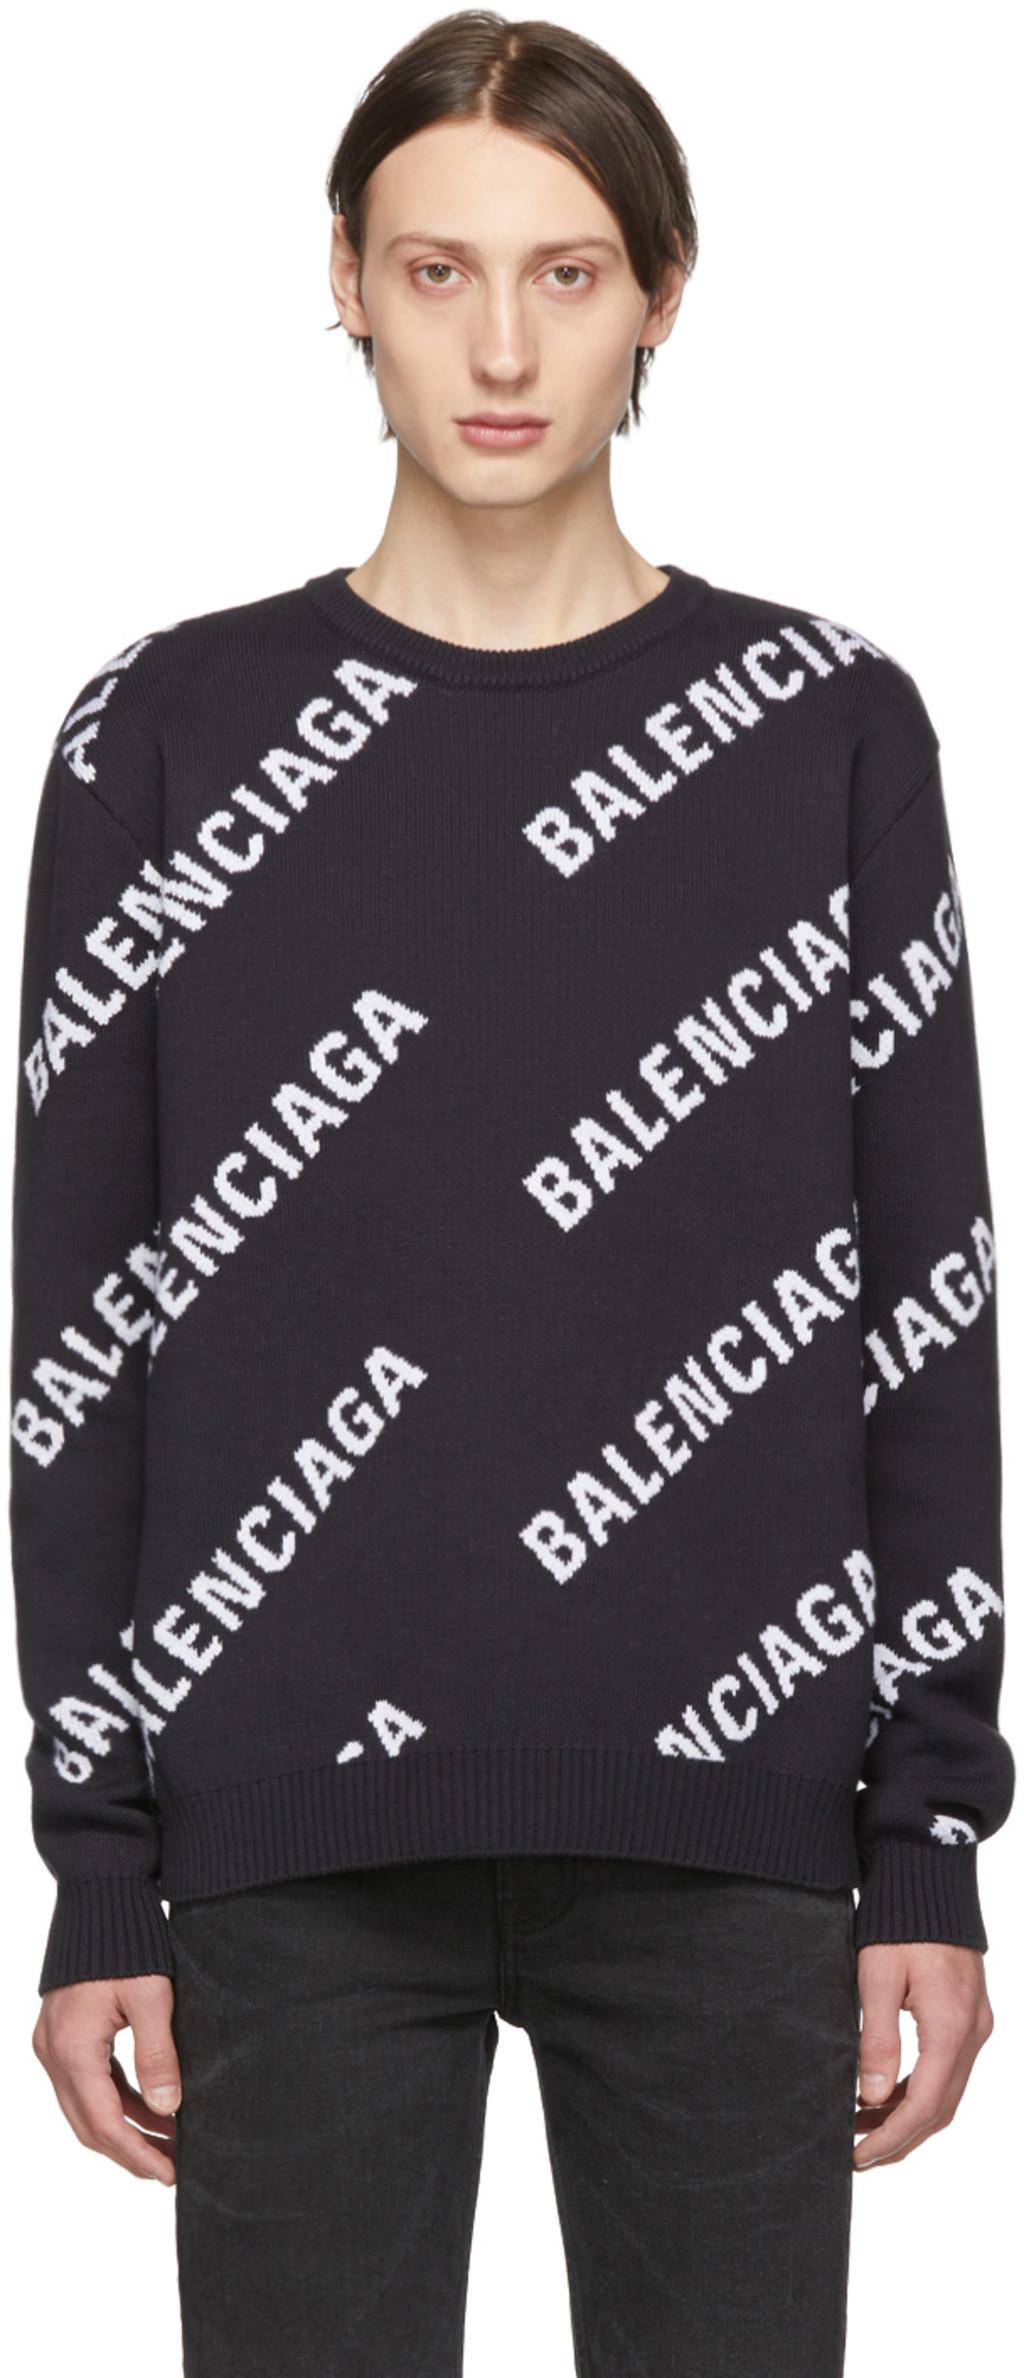 566e7ebd81 Balenciaga for Men FW19 Collection | SSENSE